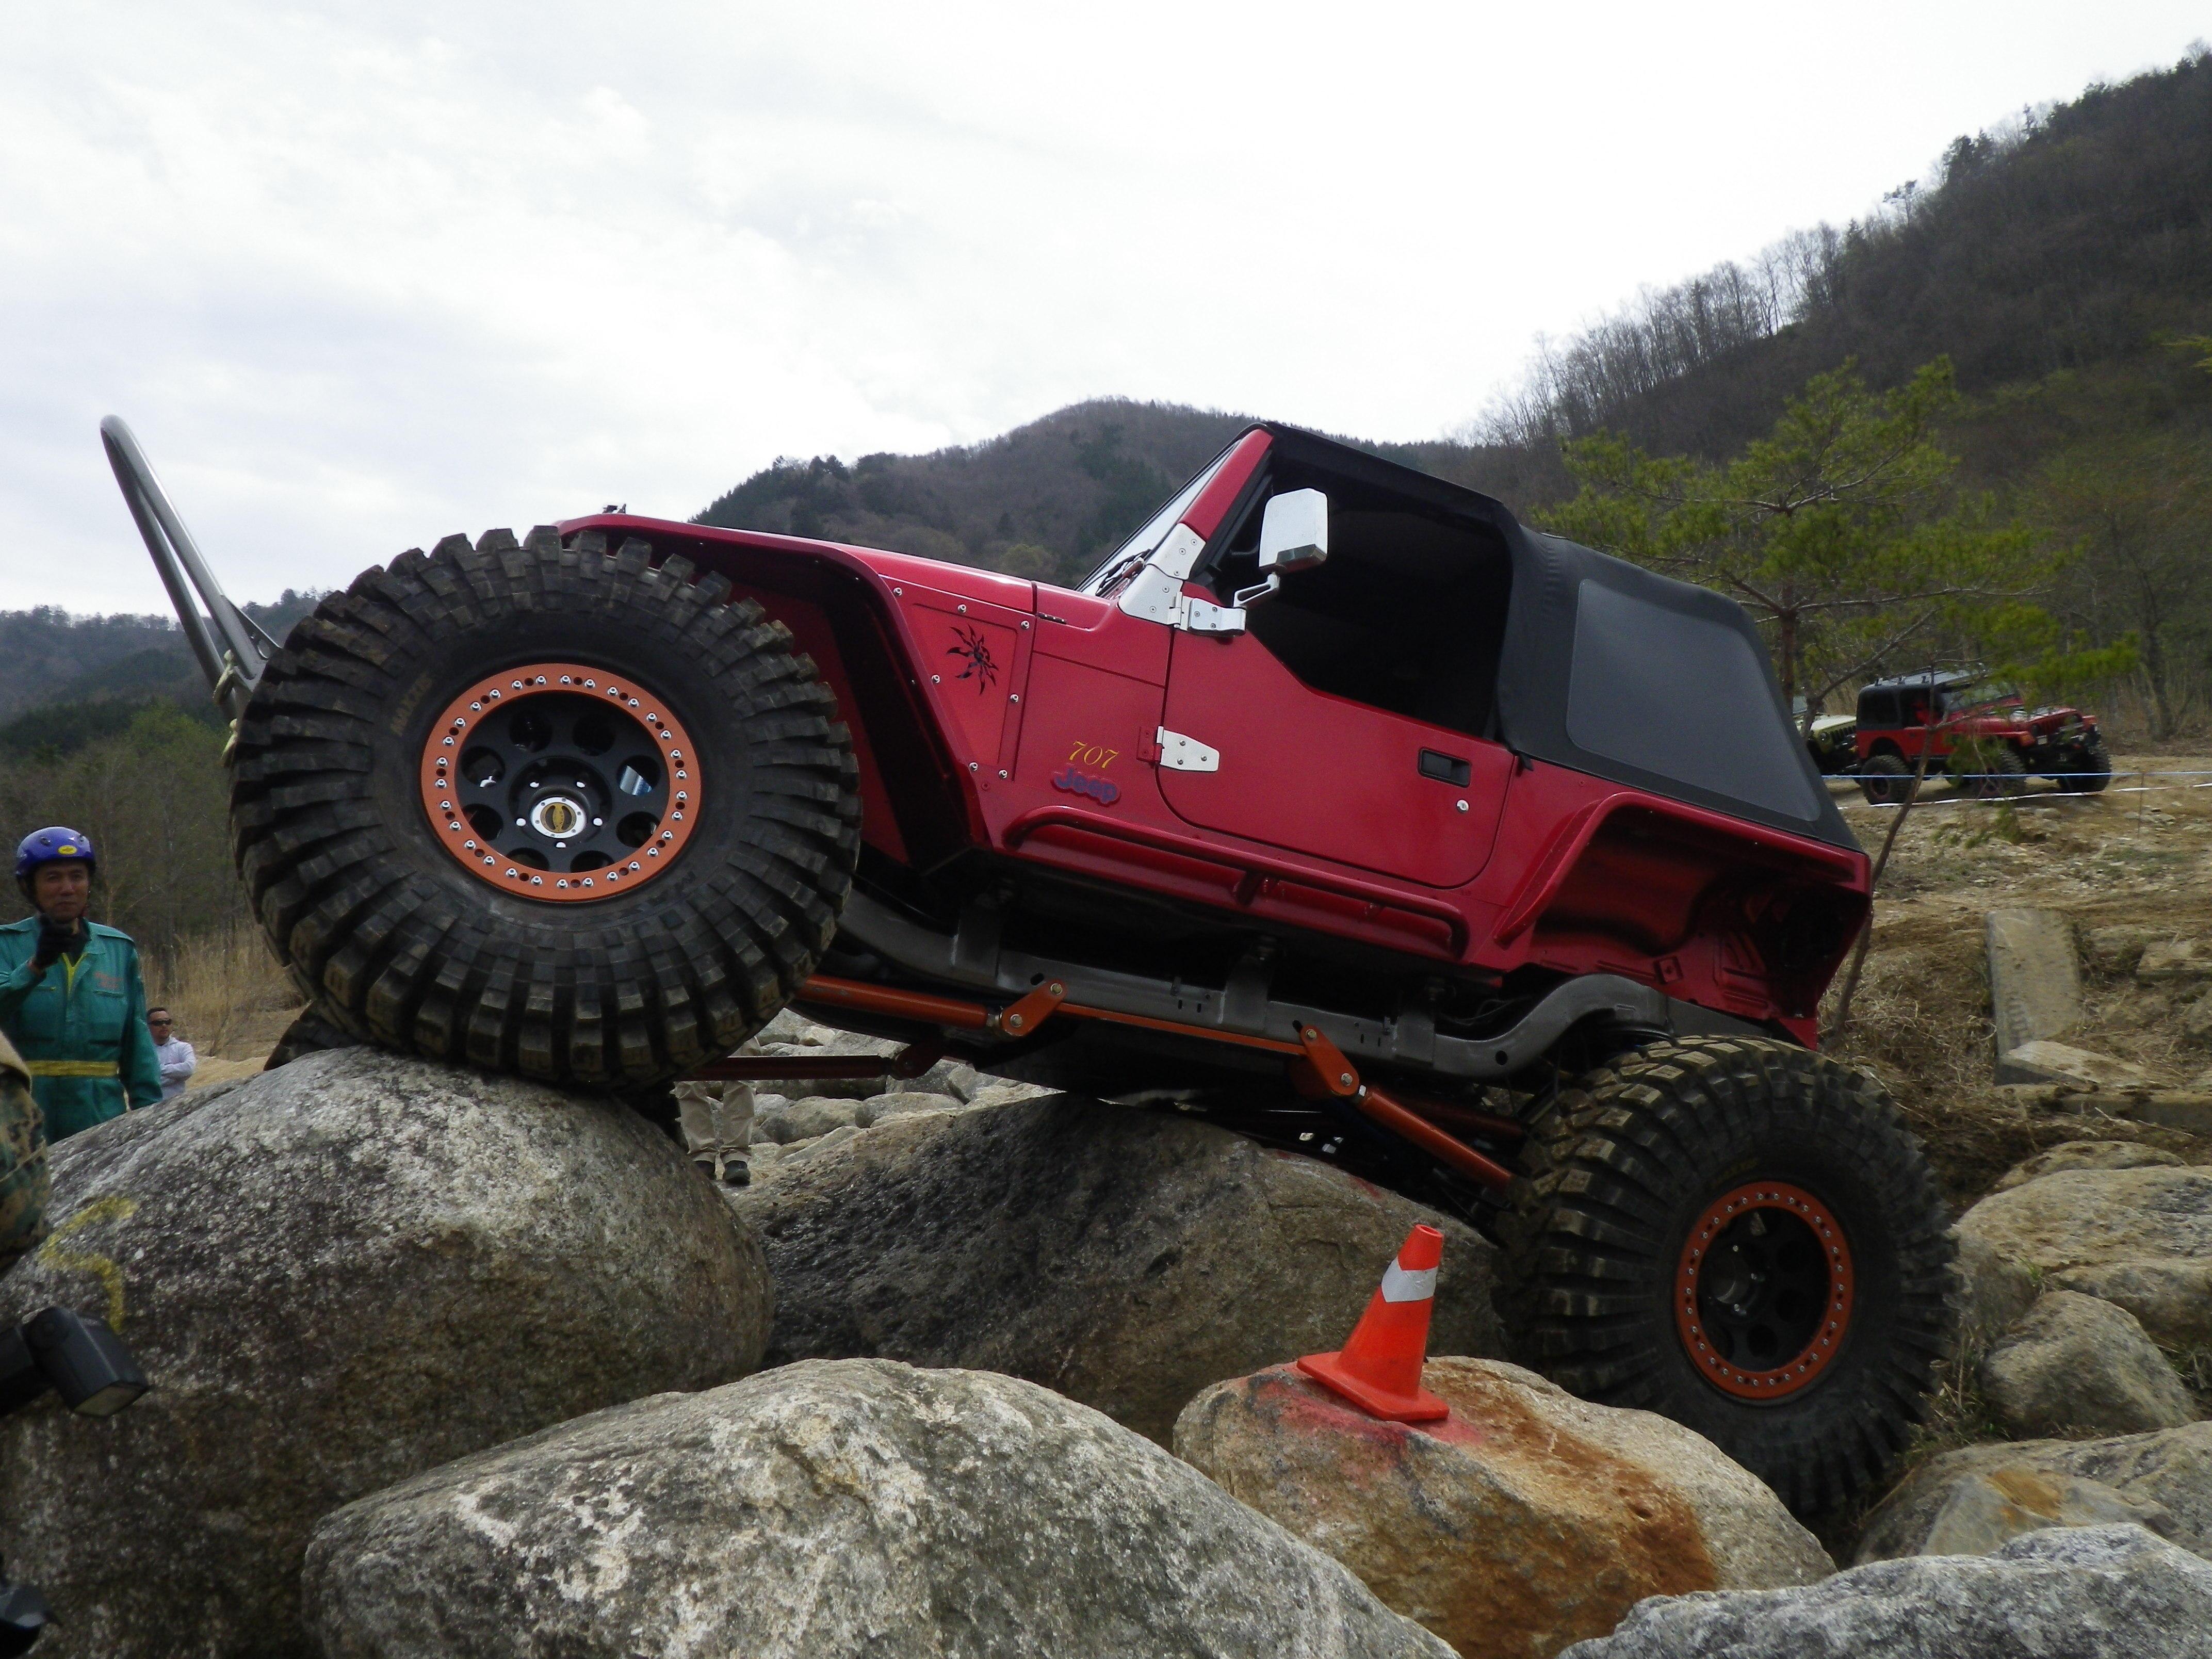 OCJC Rock Crawling